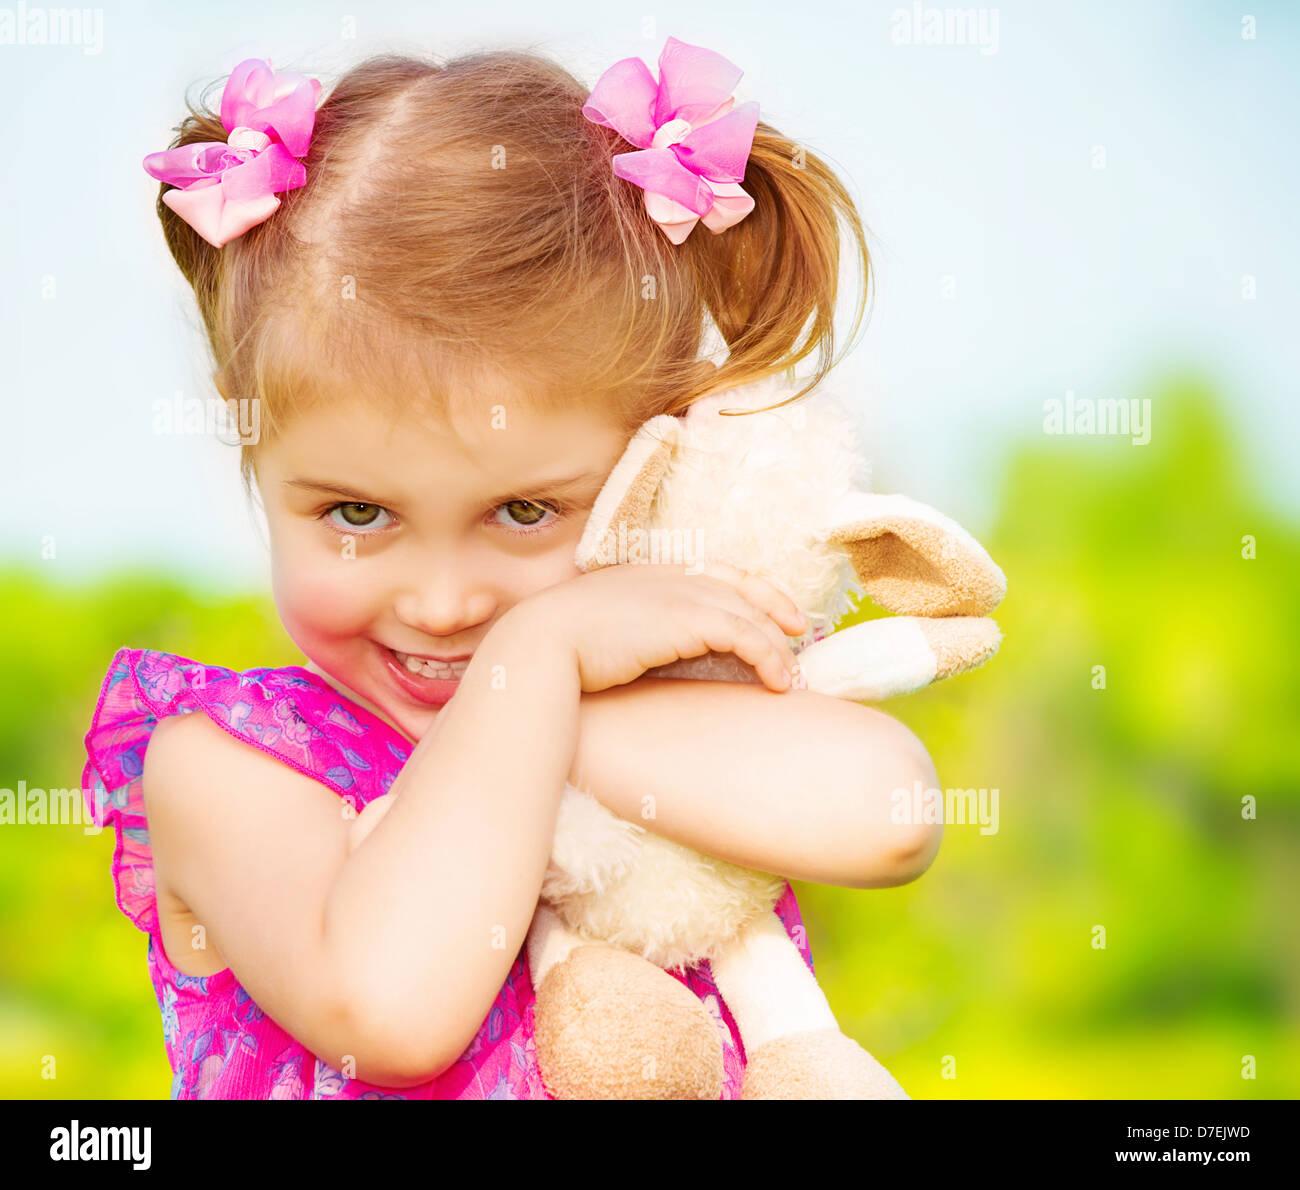 Glücklich lächelnde Mädchen mit schönen weichen Spielzeug im Garten in der Kindertagesstätte, Stockbild